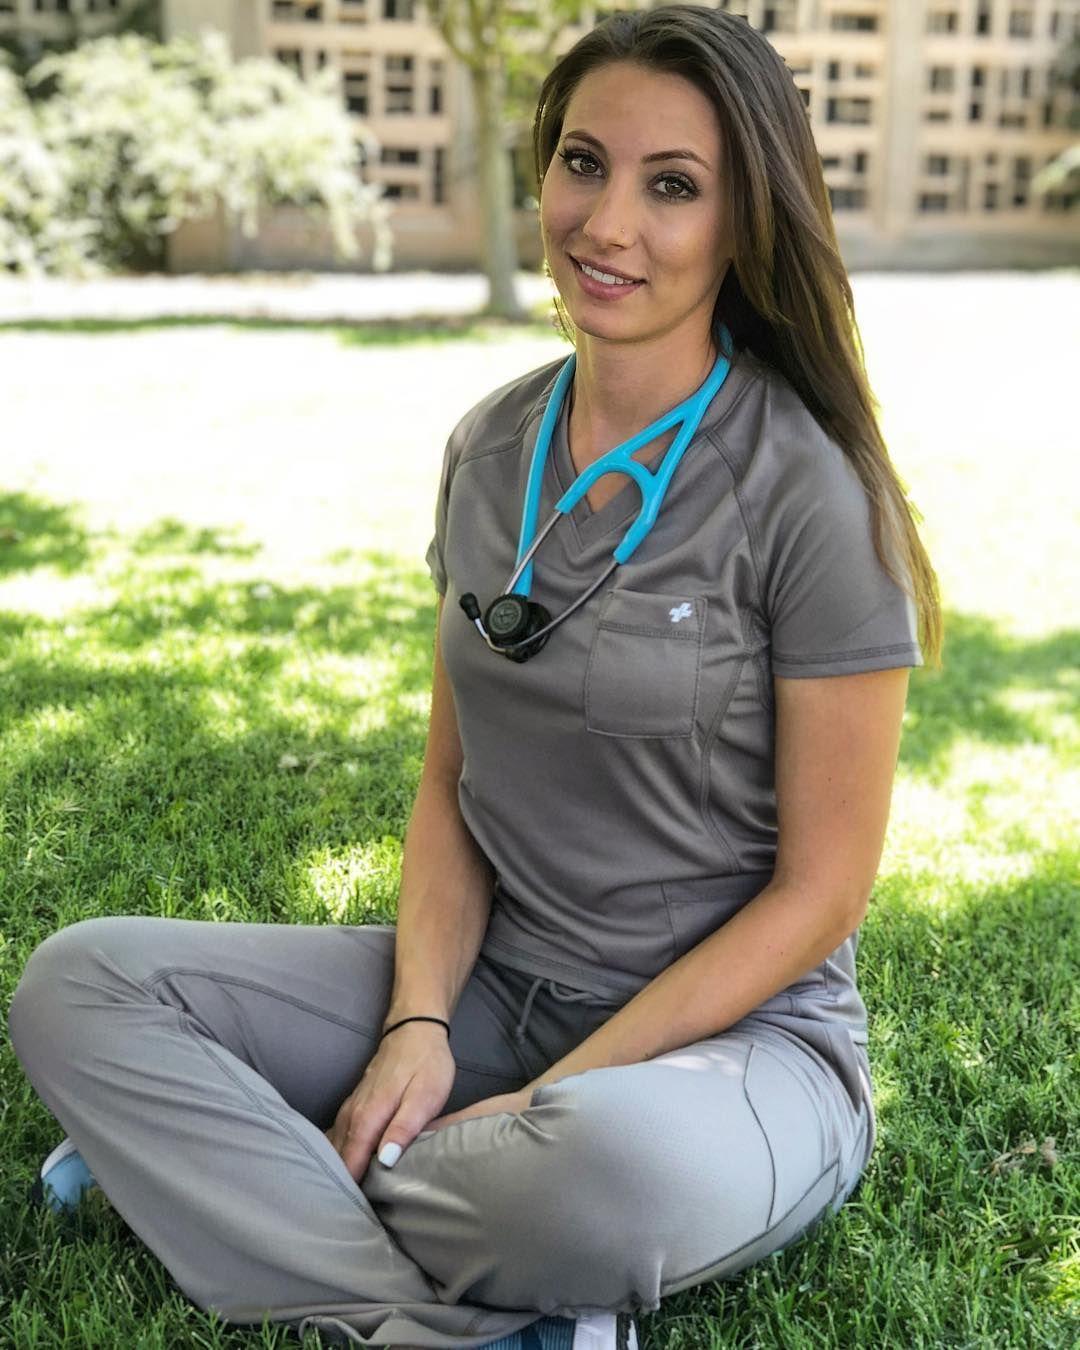 Pin on sexy nurses